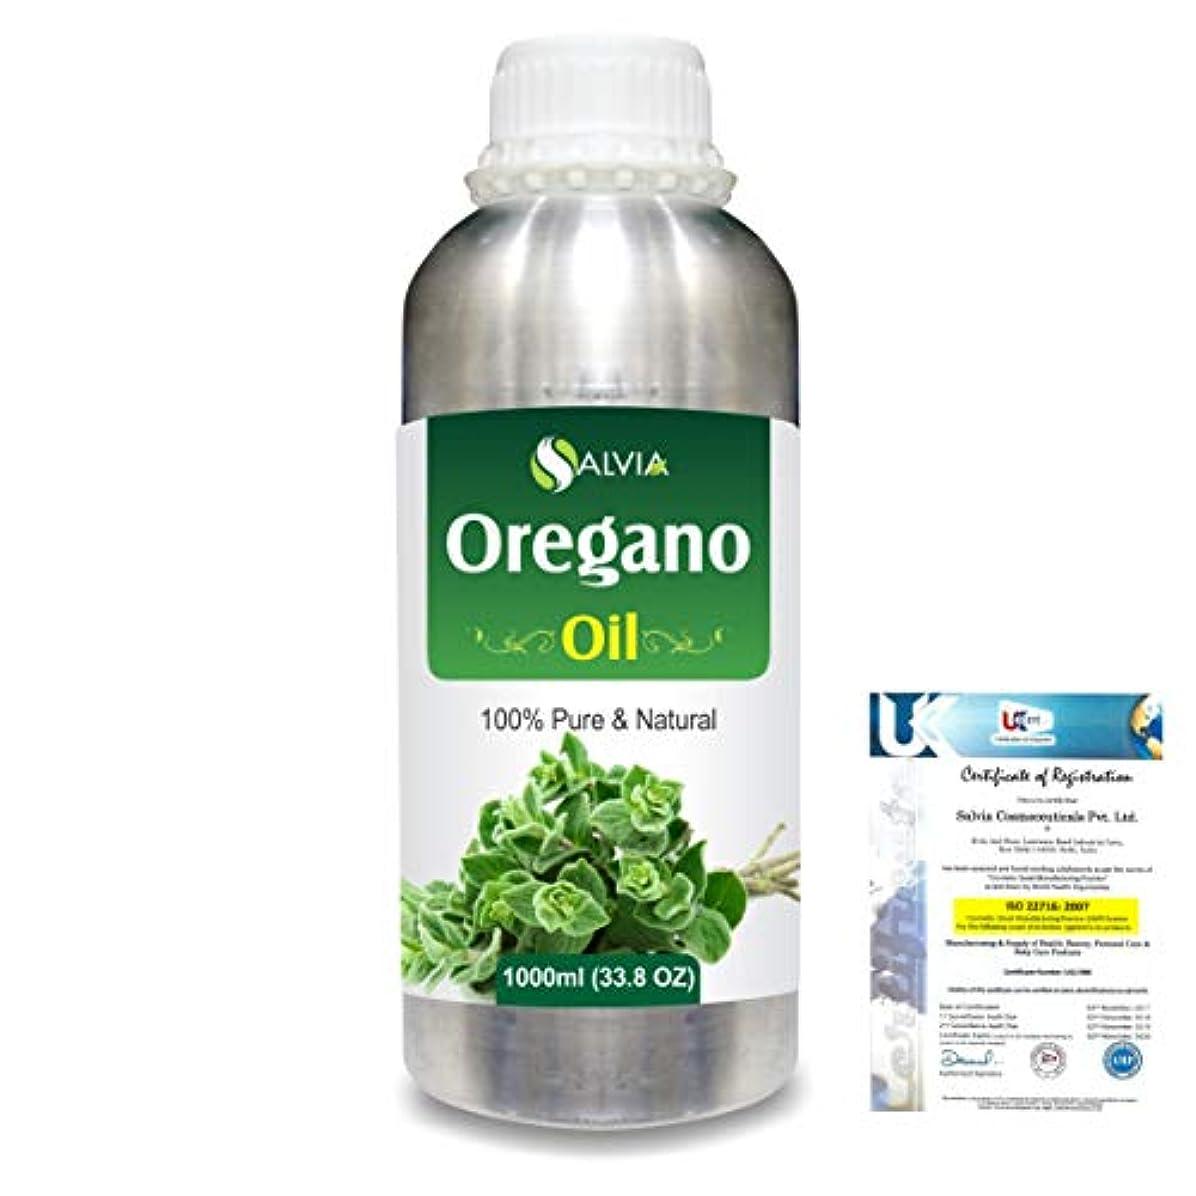 祭司苦しみ荒廃するOregano (Origanum vulgare) 100% Natural Pure Essential Oil 1000ml/33.8fl.oz.